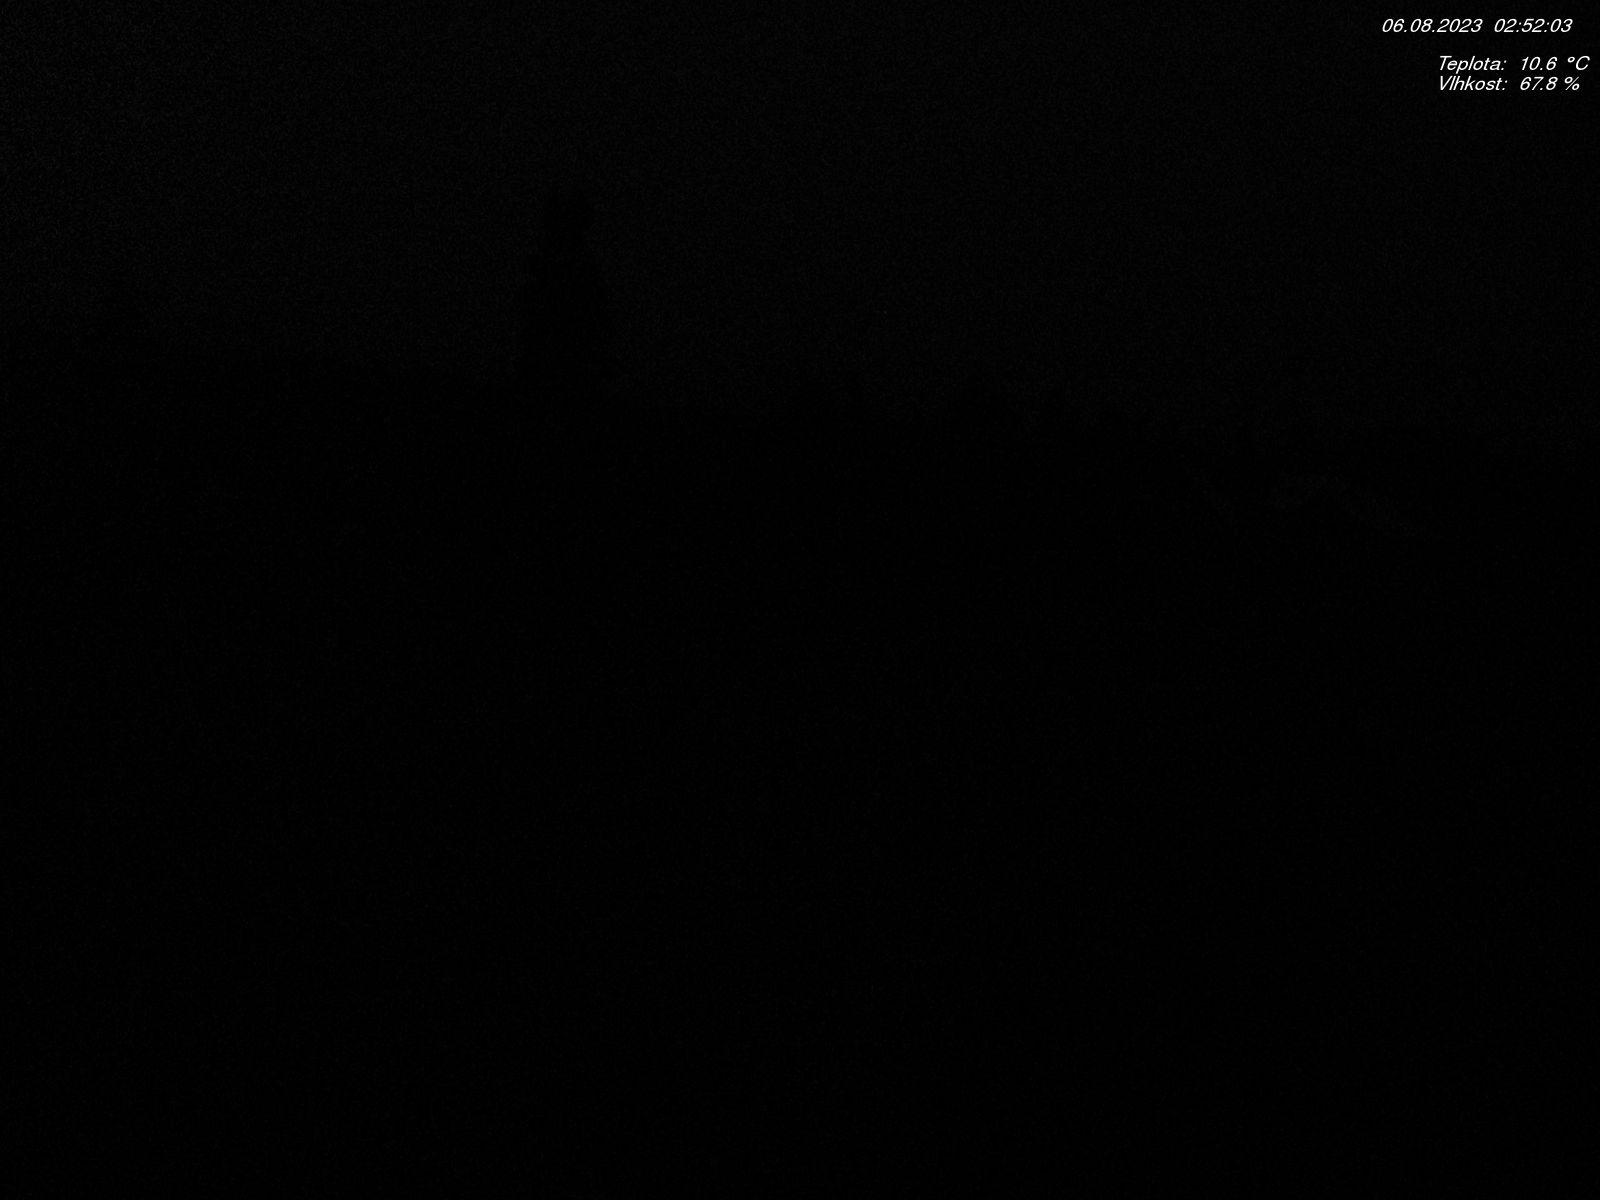 Aktualní snímek stanice Jizerka - rašeliniště